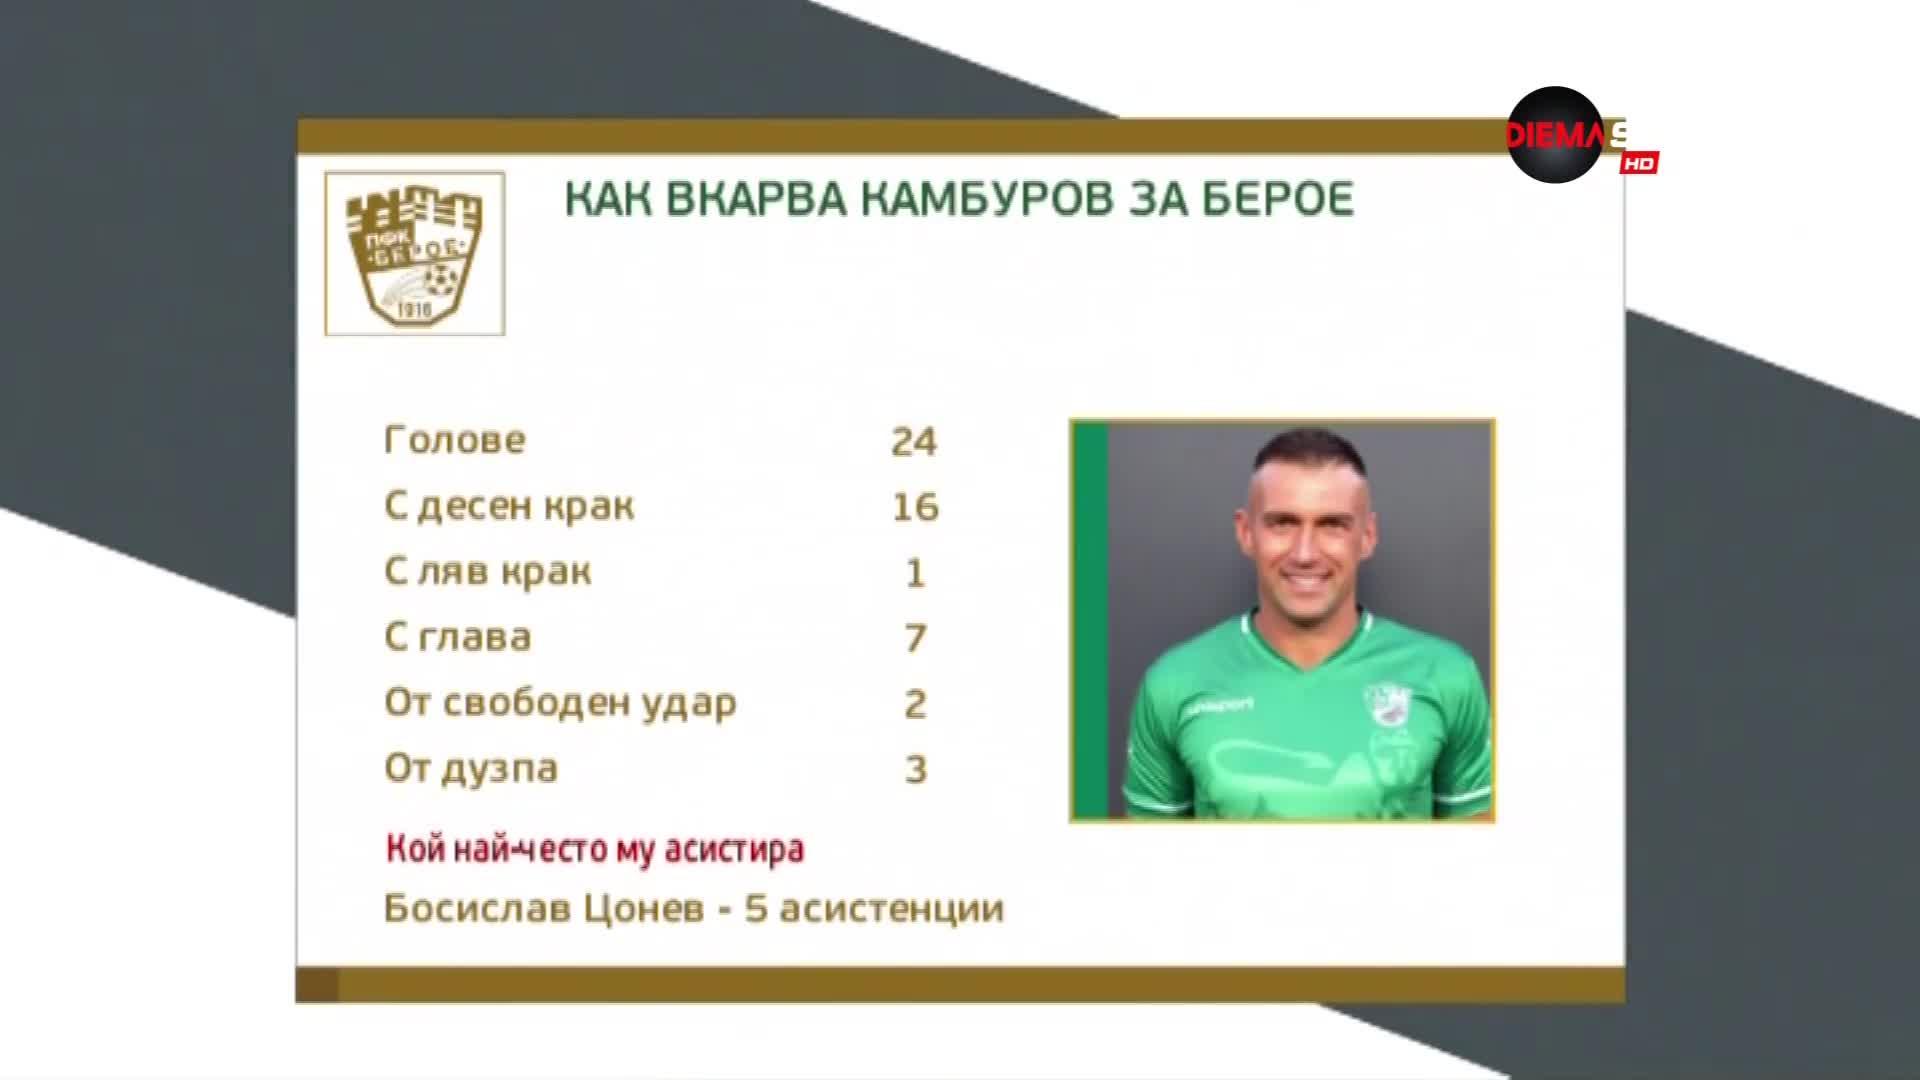 Камбуров има общо 213 гола, 24 от тях са за Берое